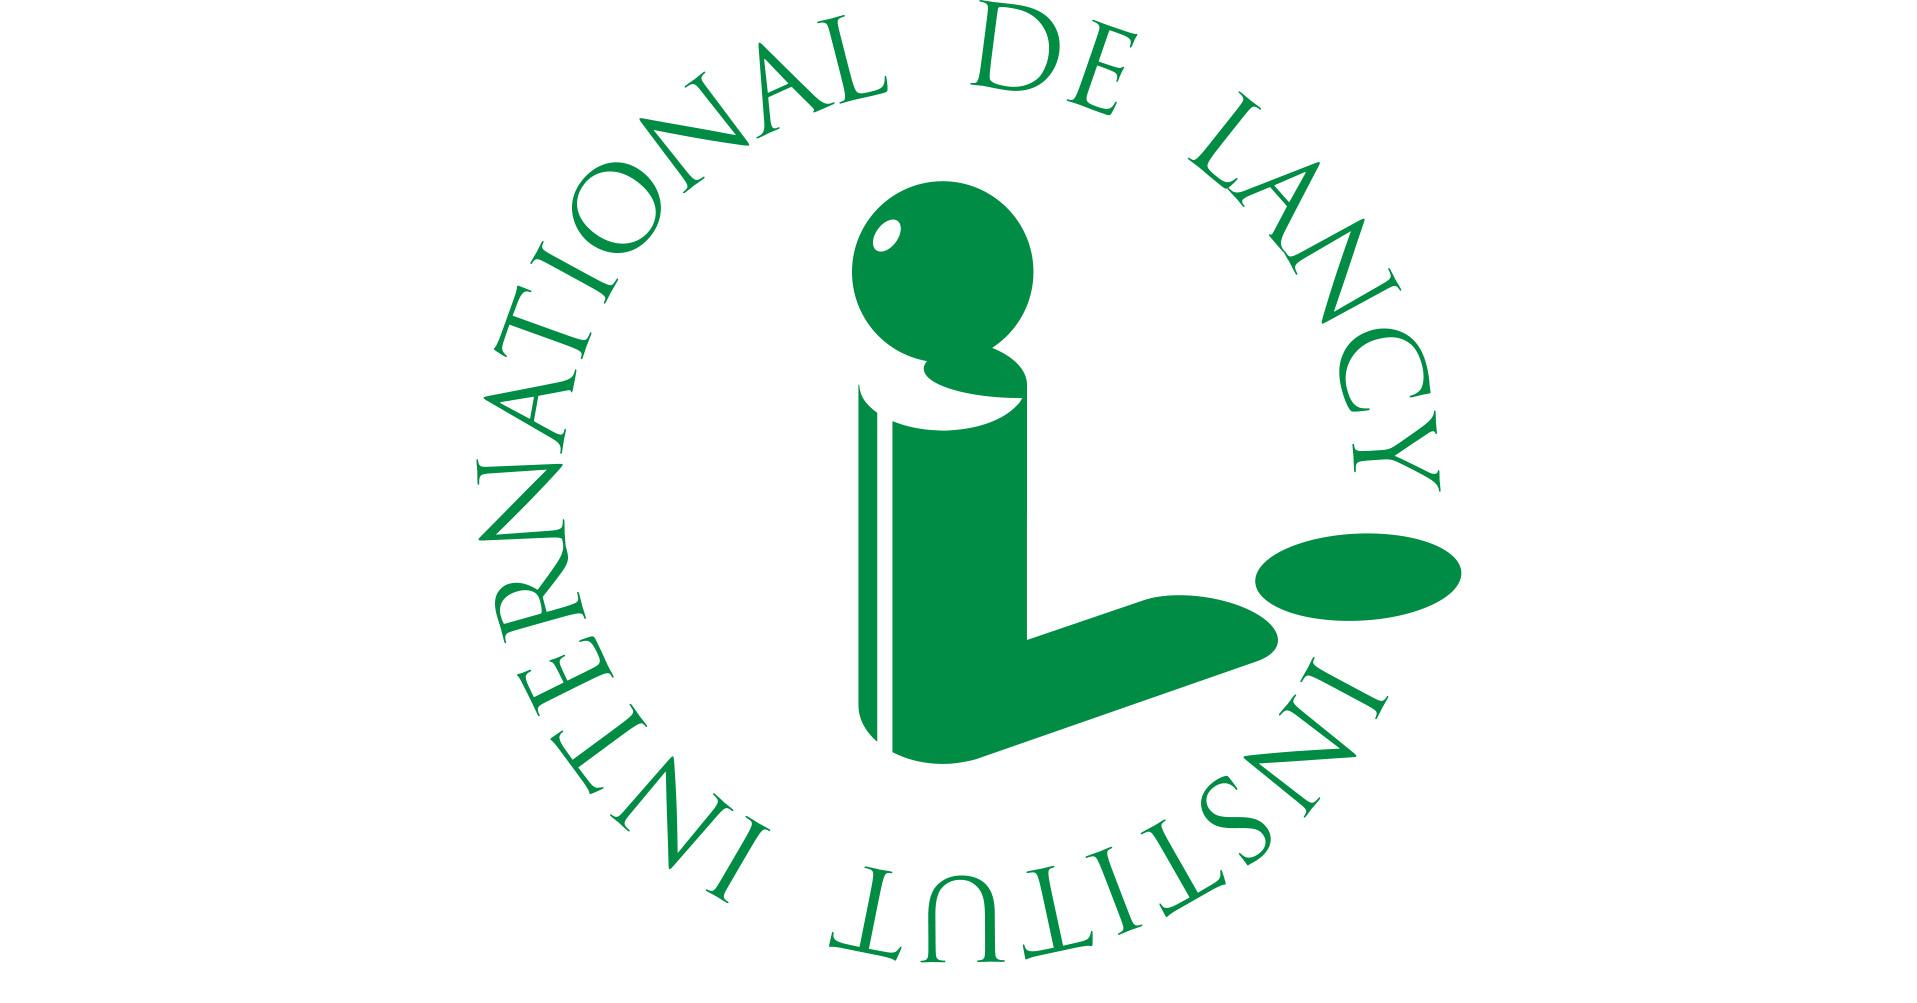 IIL_jpg